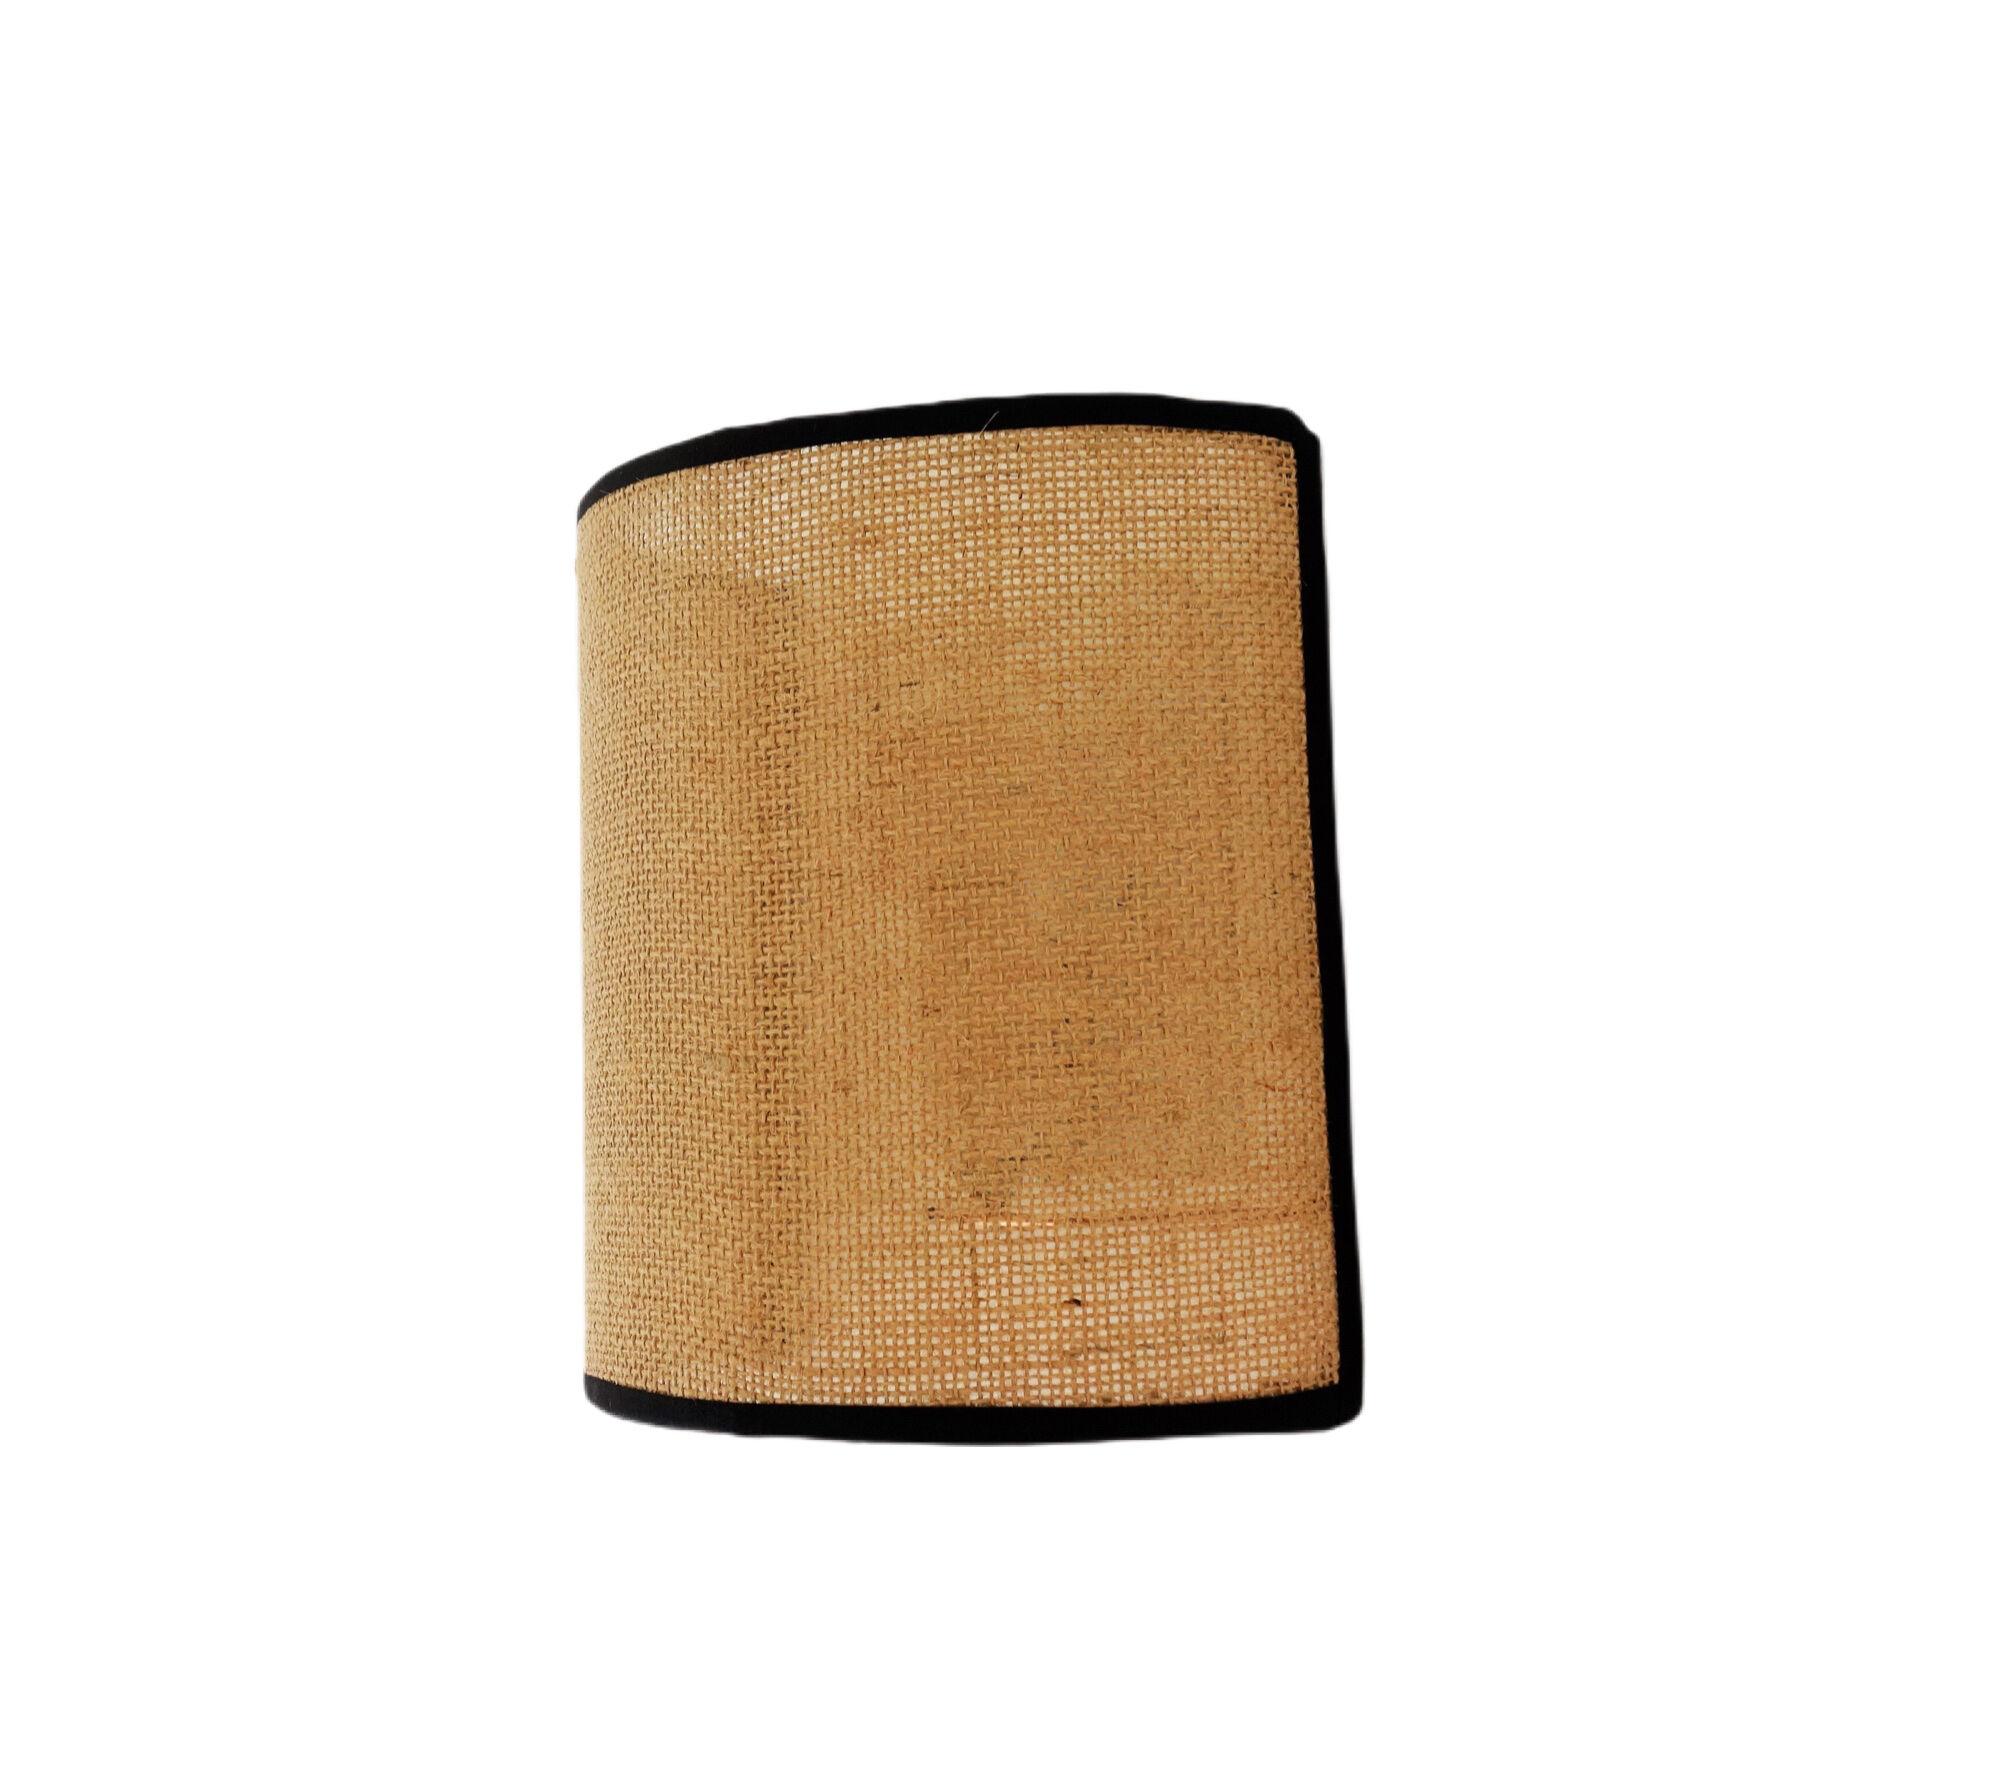 Belamp Applique en toile de jute bordure noire - 20*25 cm